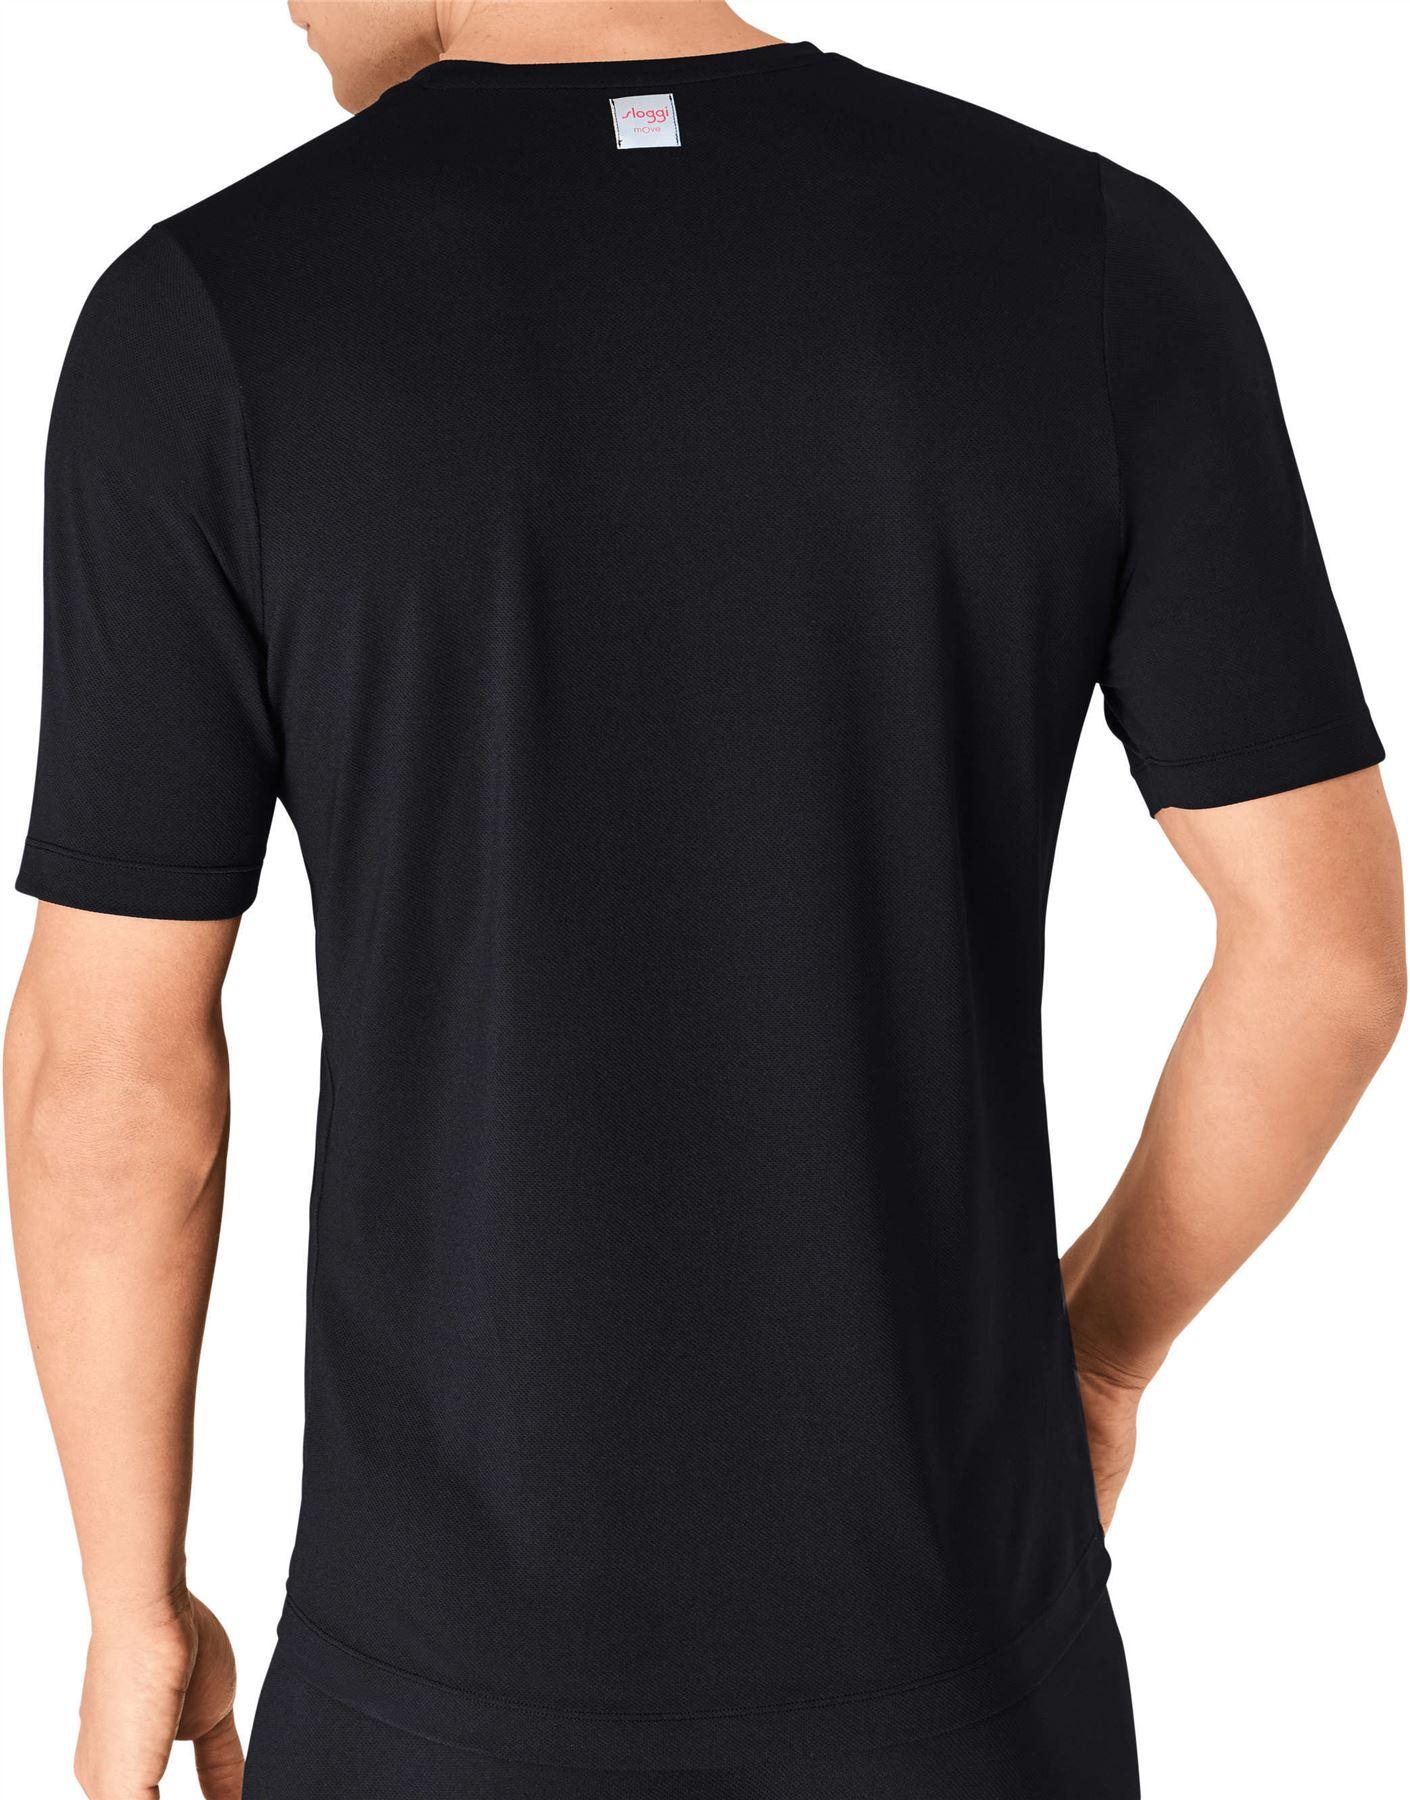 SLOGGI-spostare-FLEX-V-Neck-T-SHIRT-MEN-039-S-Underwear-Top-Sport-Maglia-Manica-Corta-Palestra miniatura 5